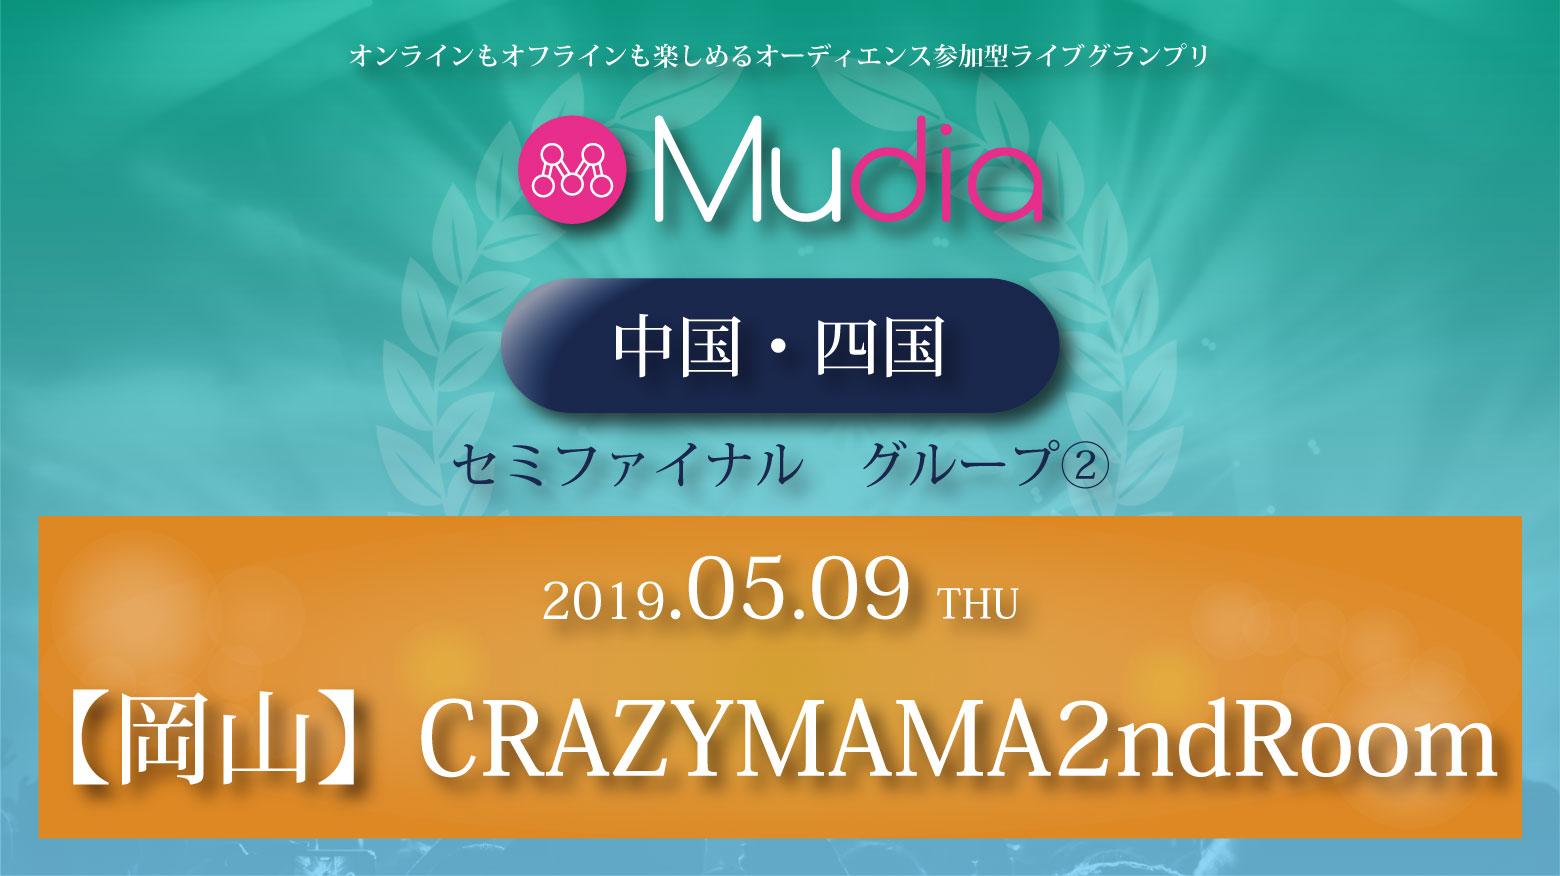 Mudia「中国・四国エリアセミファイナル グループ②」